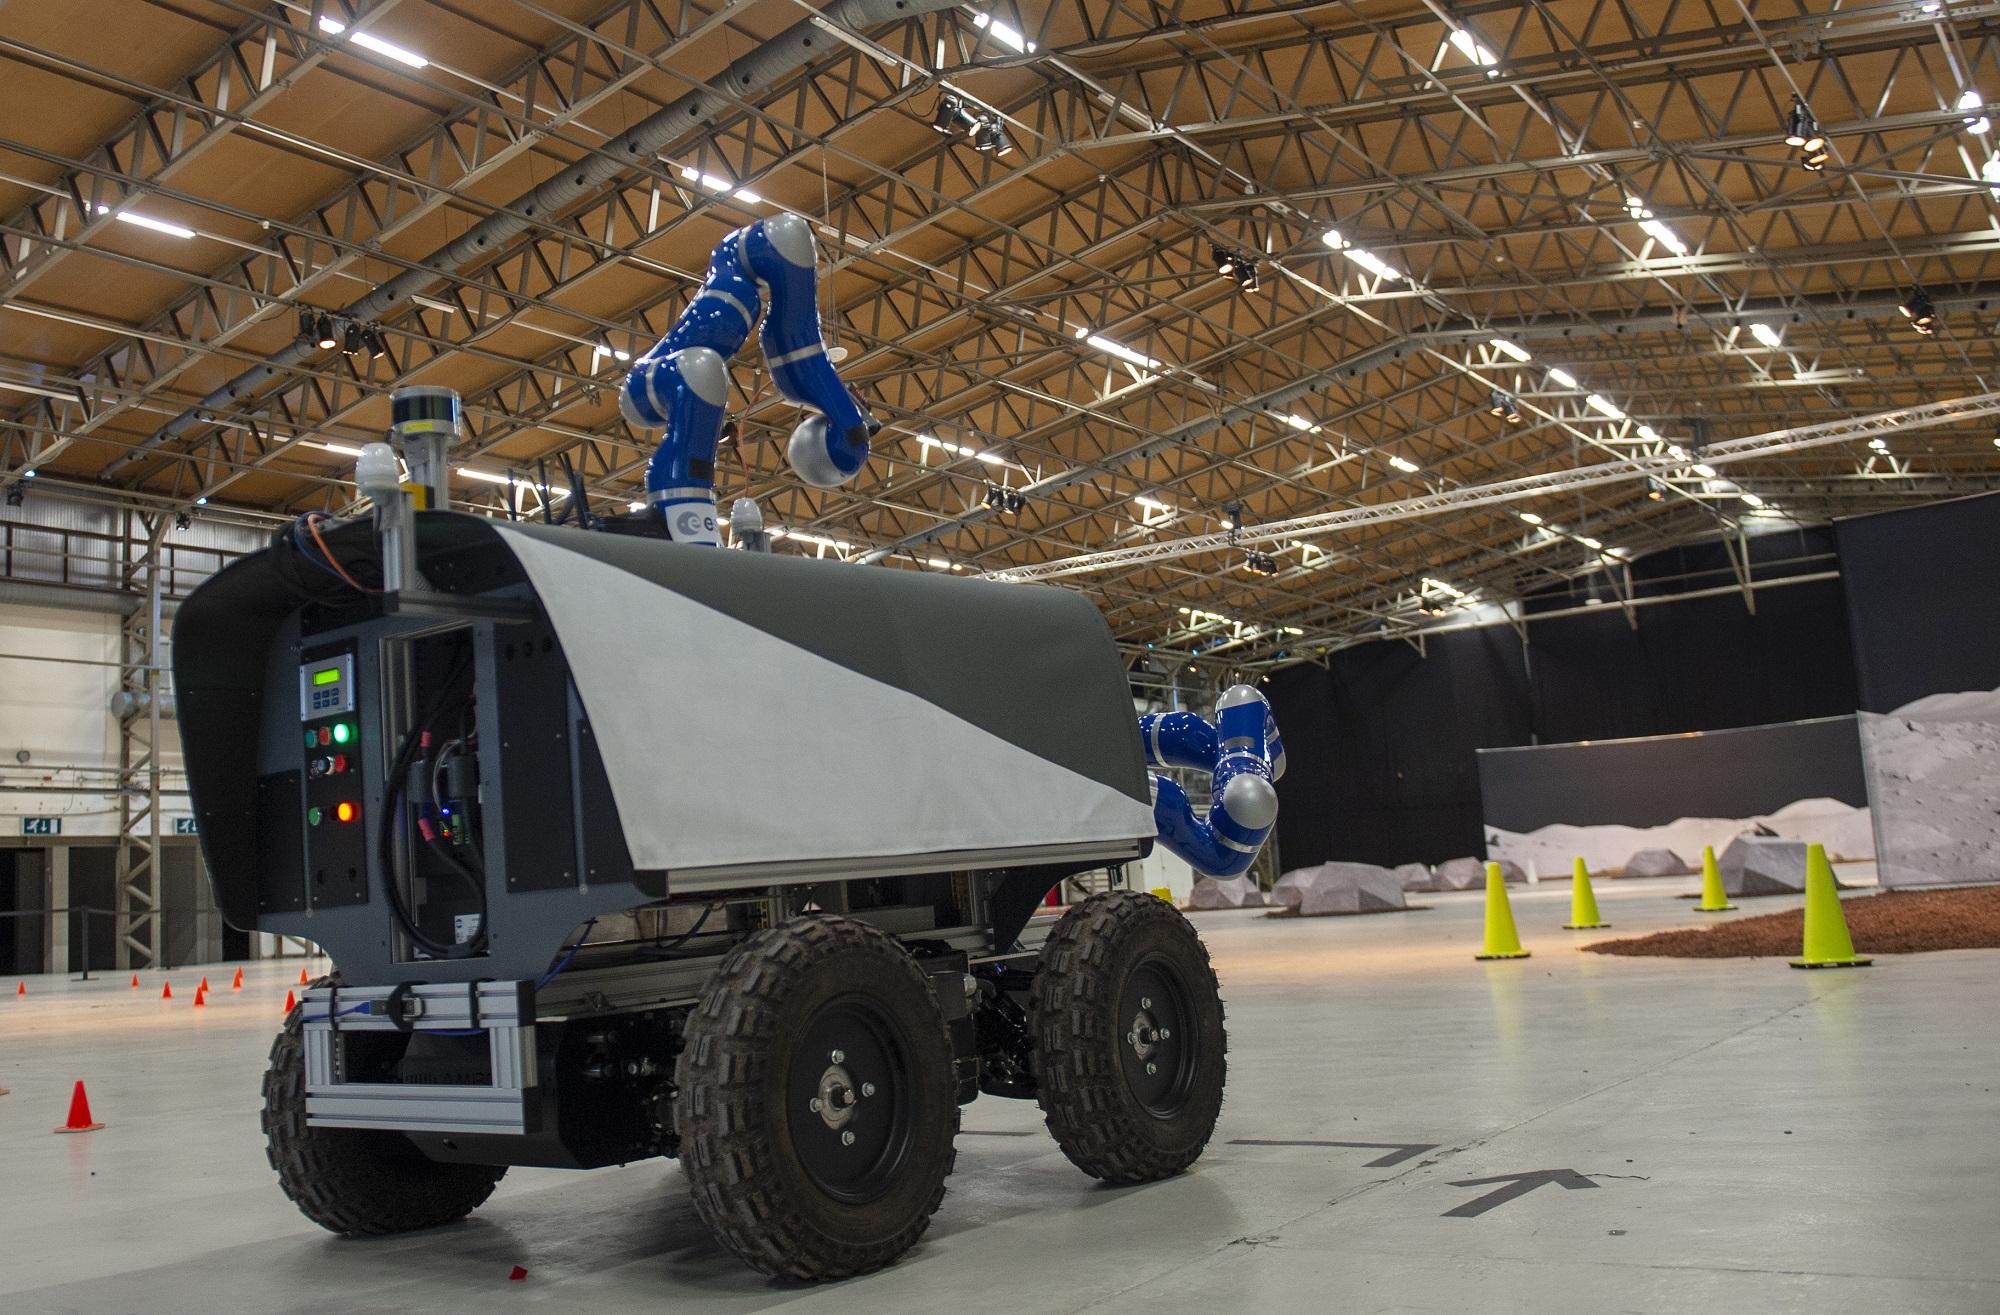 Analog-1 styres av astronauter på romstasjonen for å teste kontroll av roboter fra bane. Foto: ESA